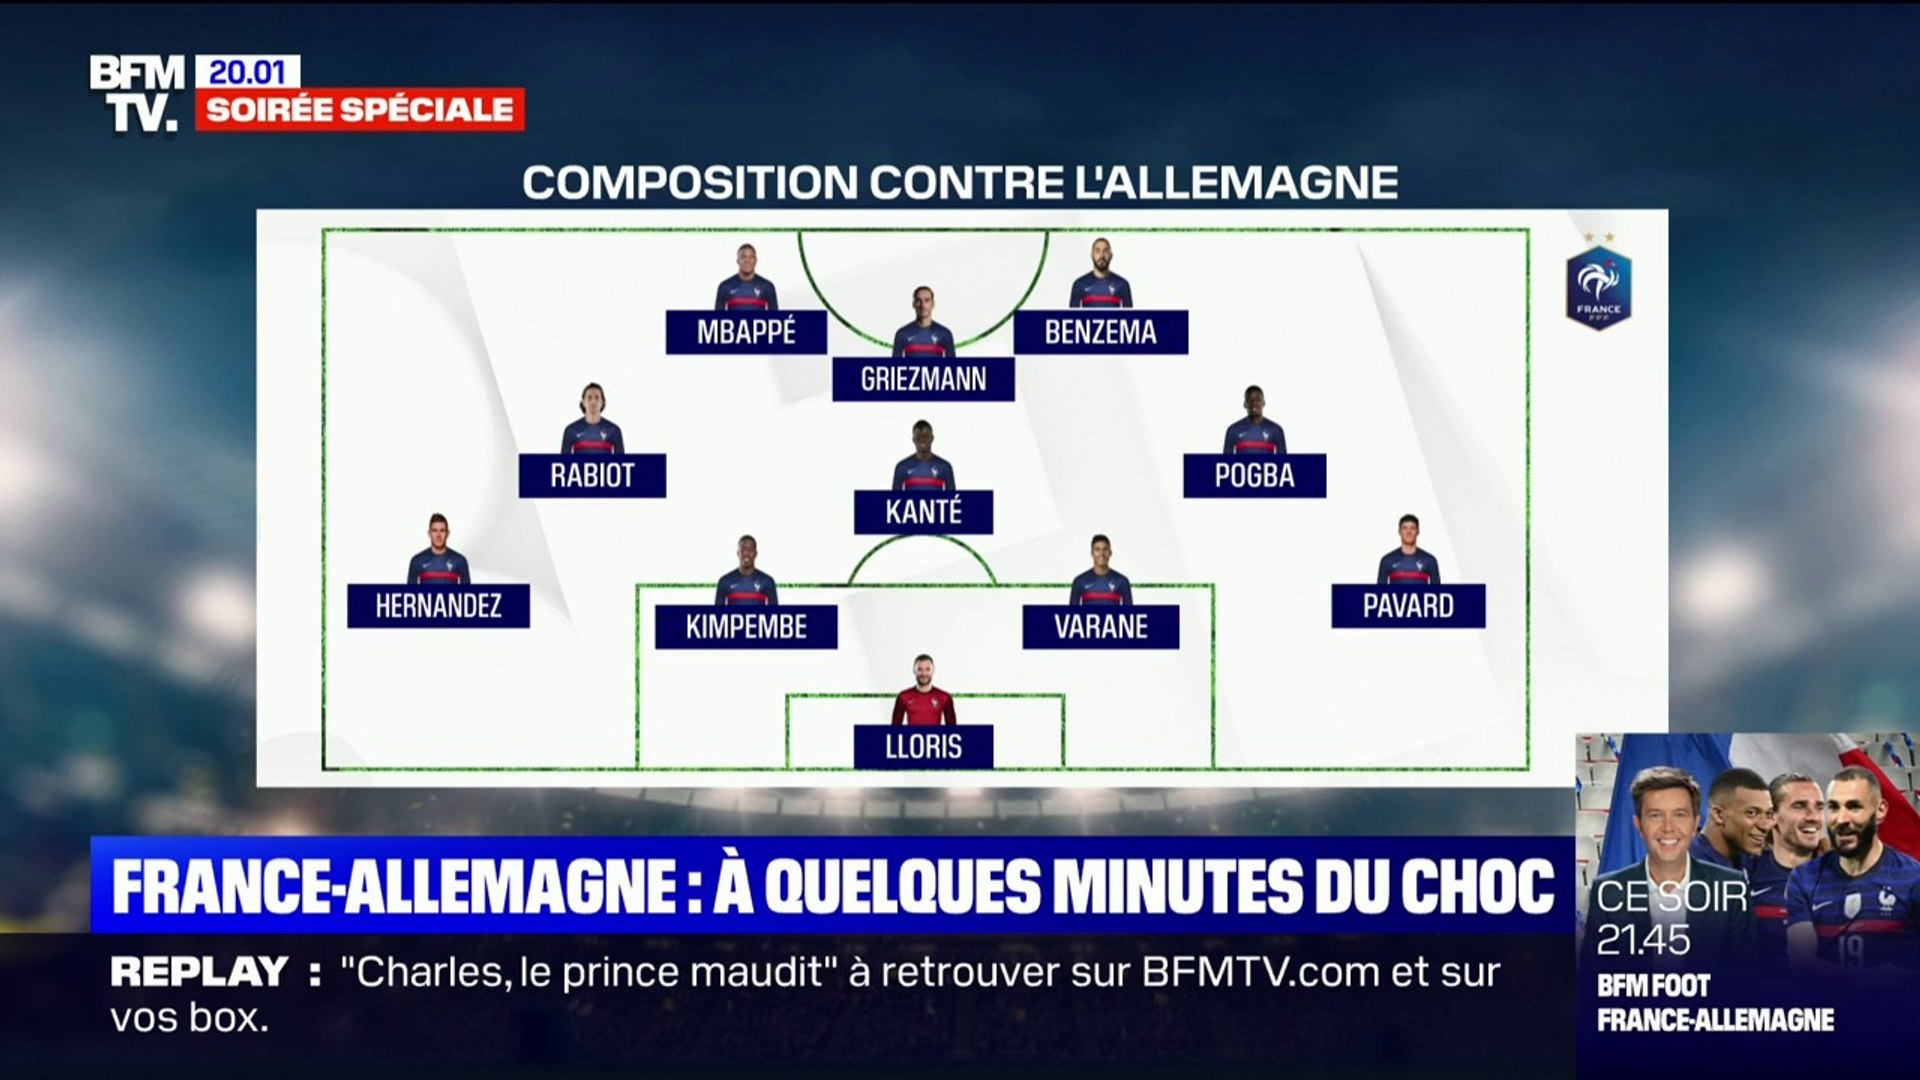 Équipe De France Euro 2021 Dispositif : Voici La Composition De L Equipe De France Pour Son Match Contre L Allemagne Video Dailymotion